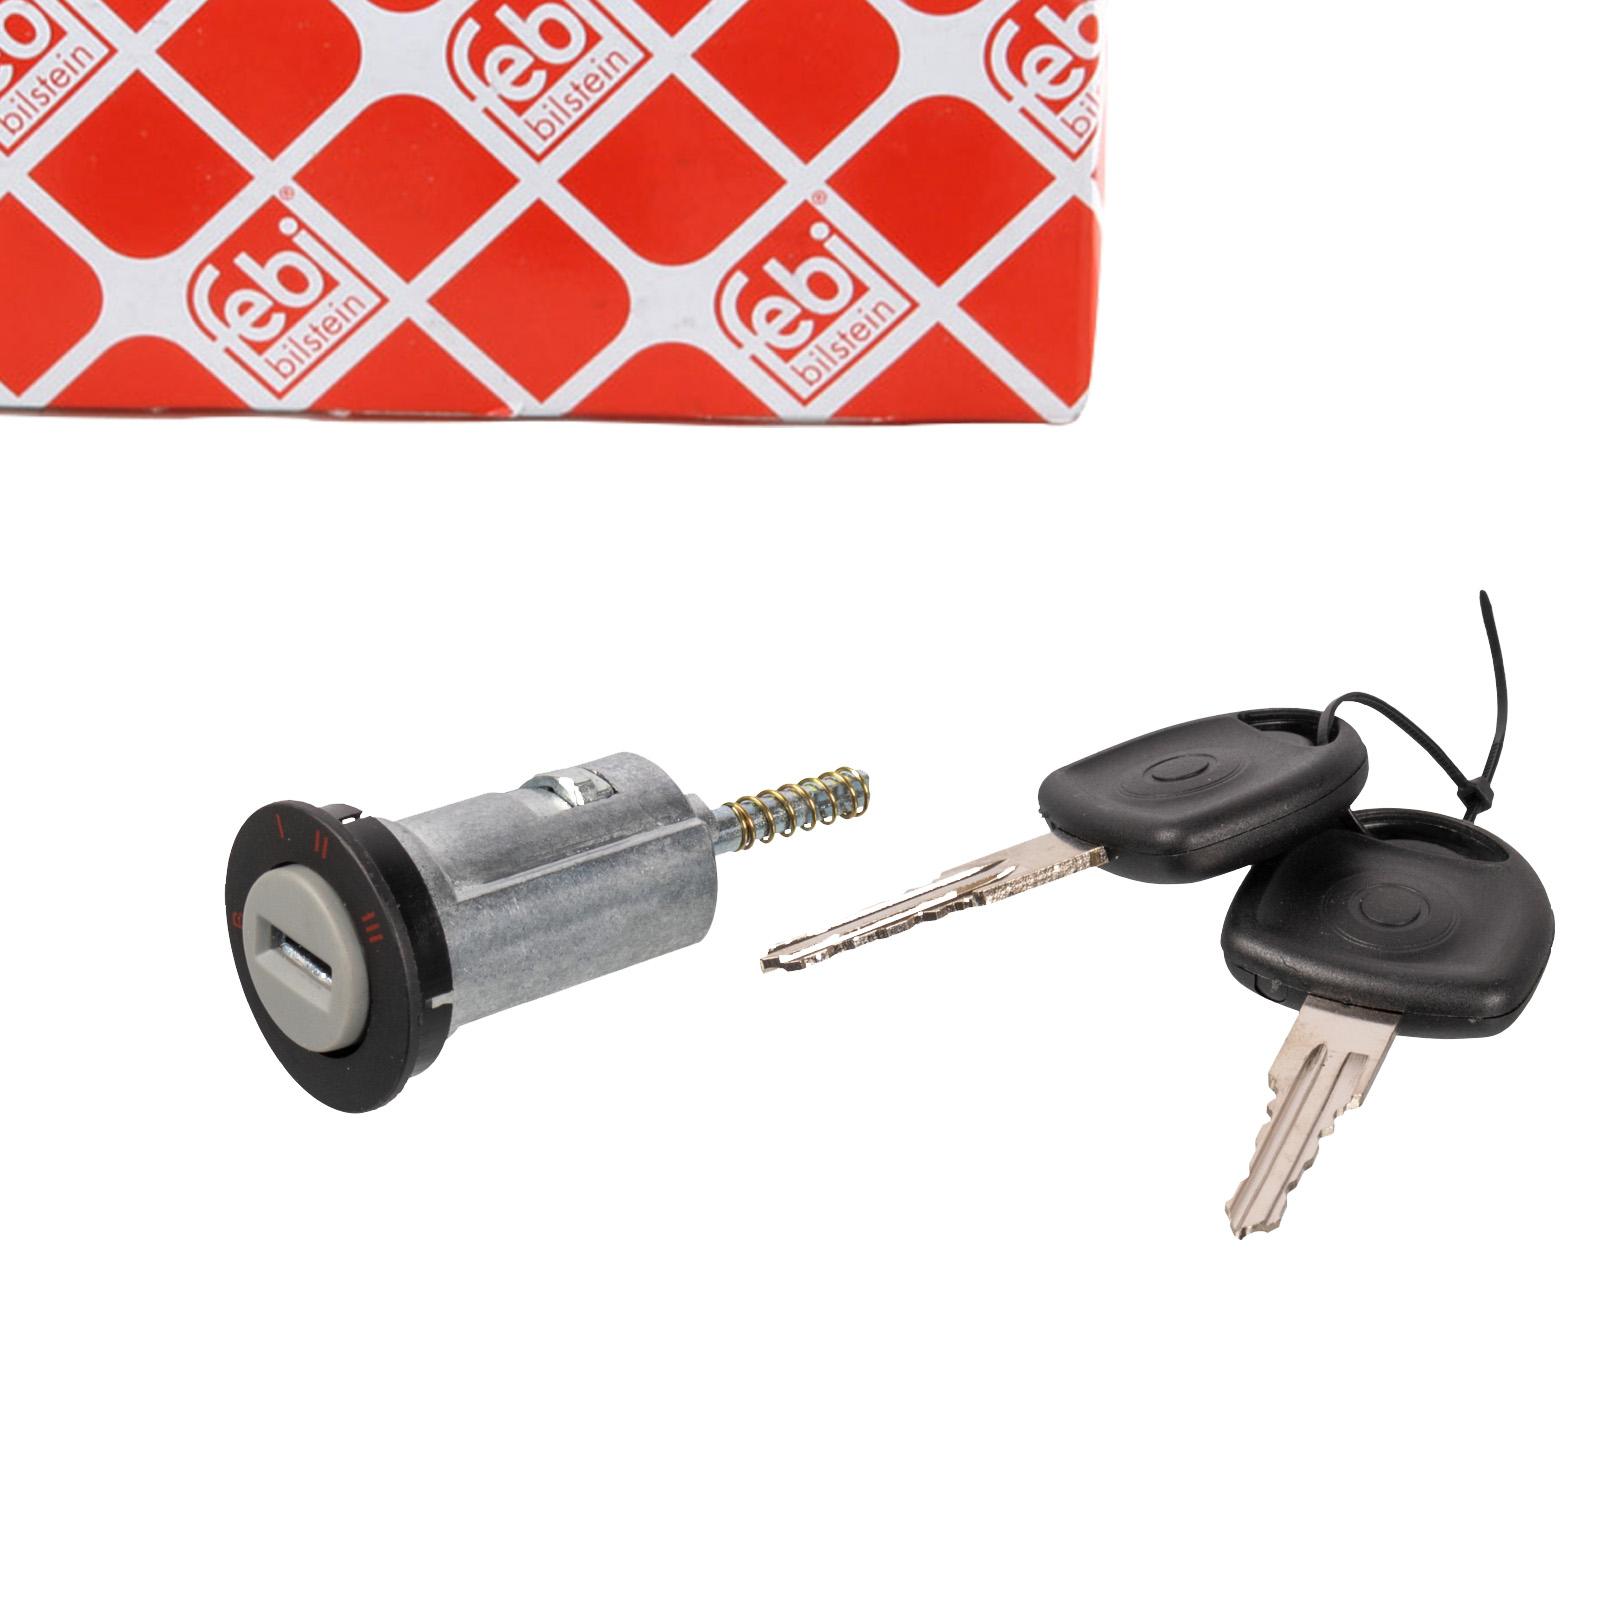 FEBI 02748 Zündschloss + 2 Schlüssel OPEL Astra F Combo Corsa A B Kadett D E Tigra A